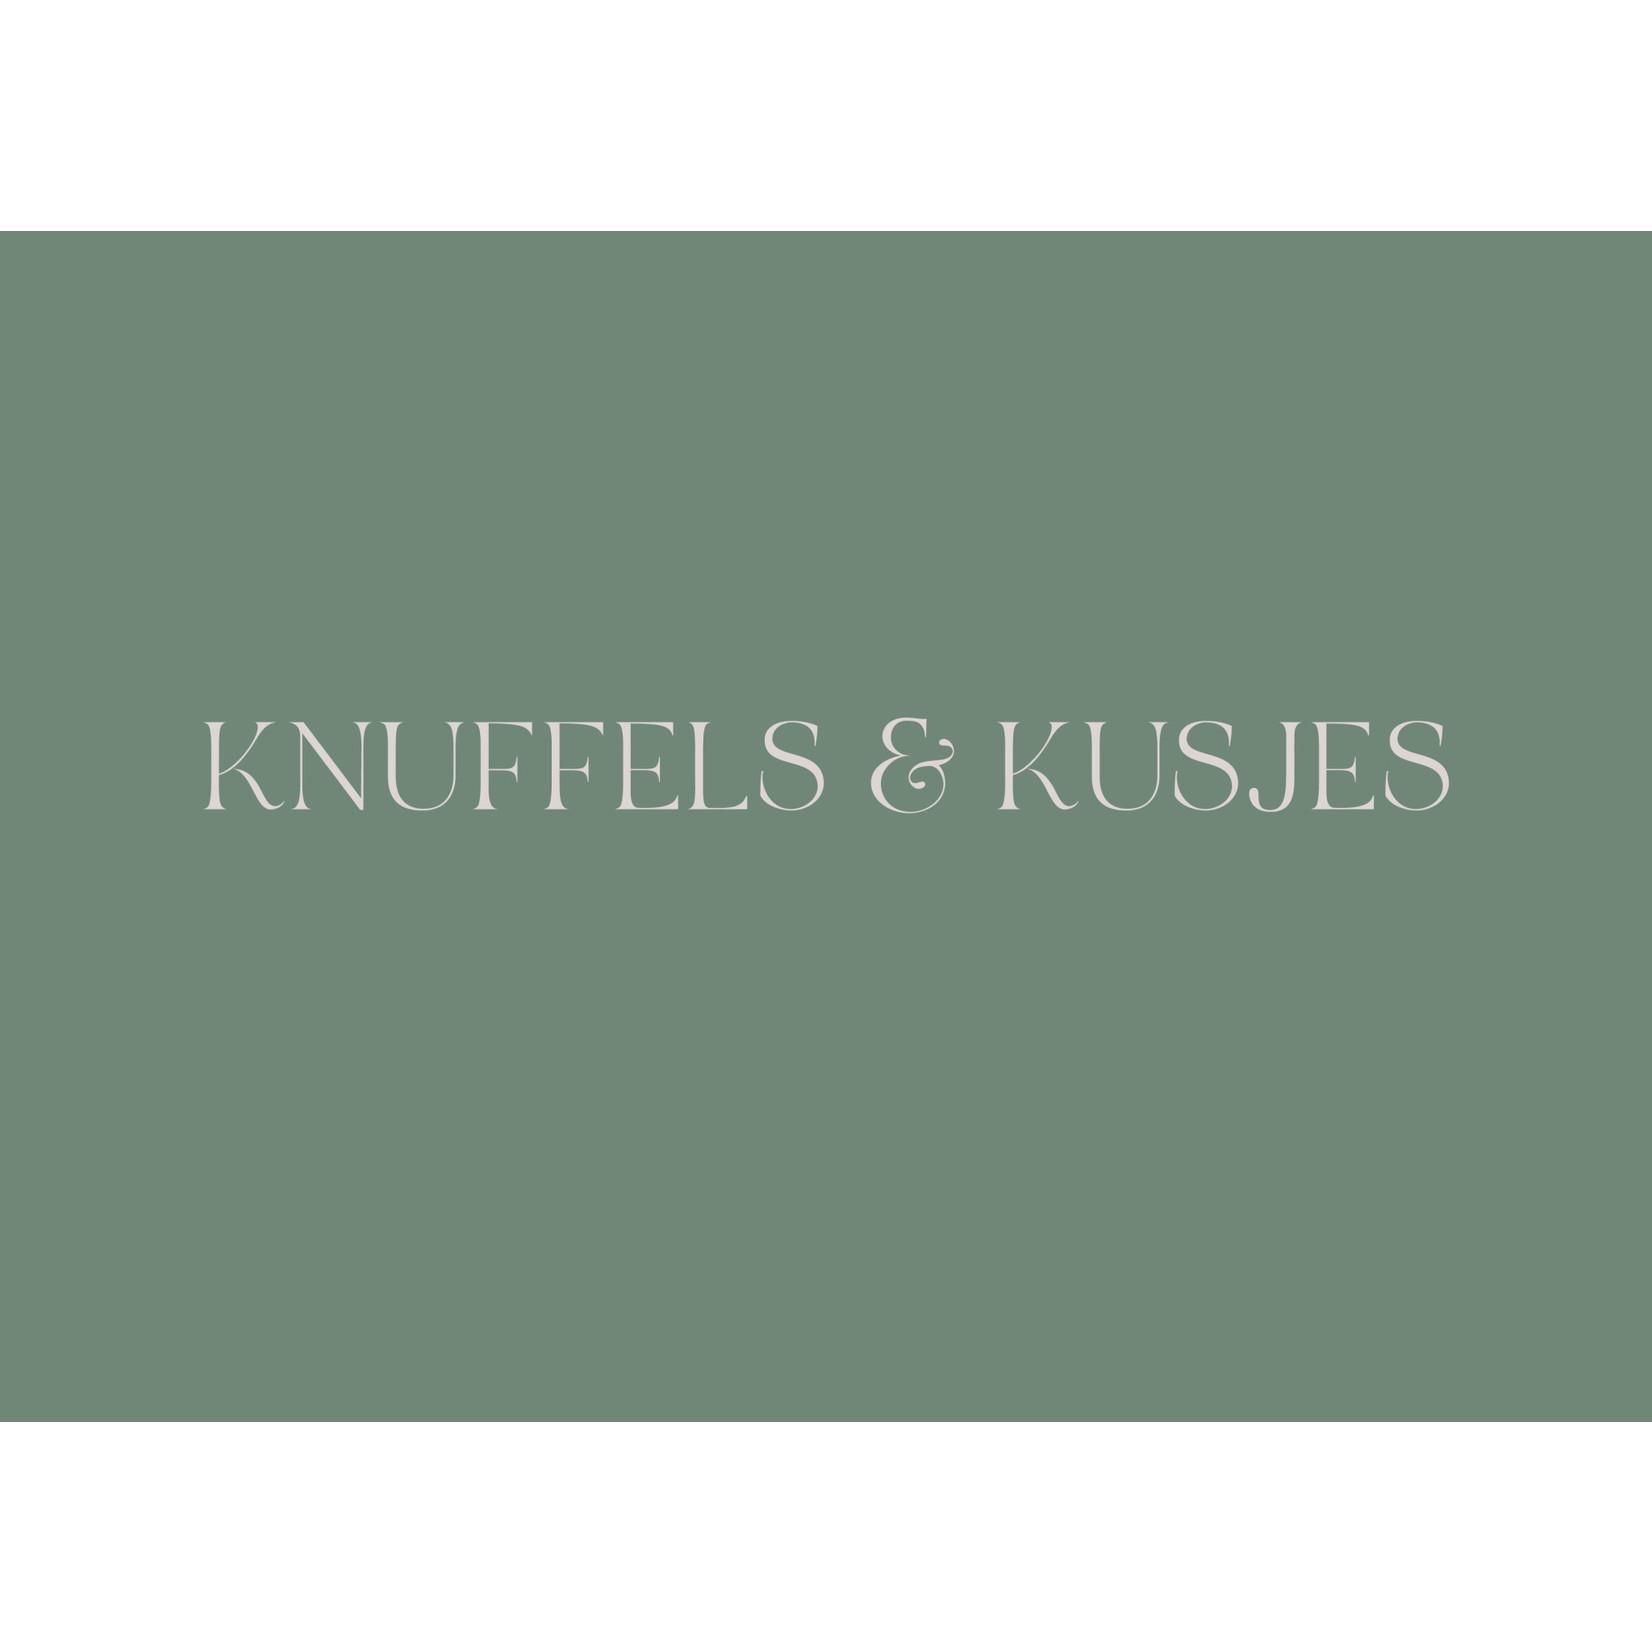 Stationery & Gift Ansichtkaart Knuffels & Kusjes